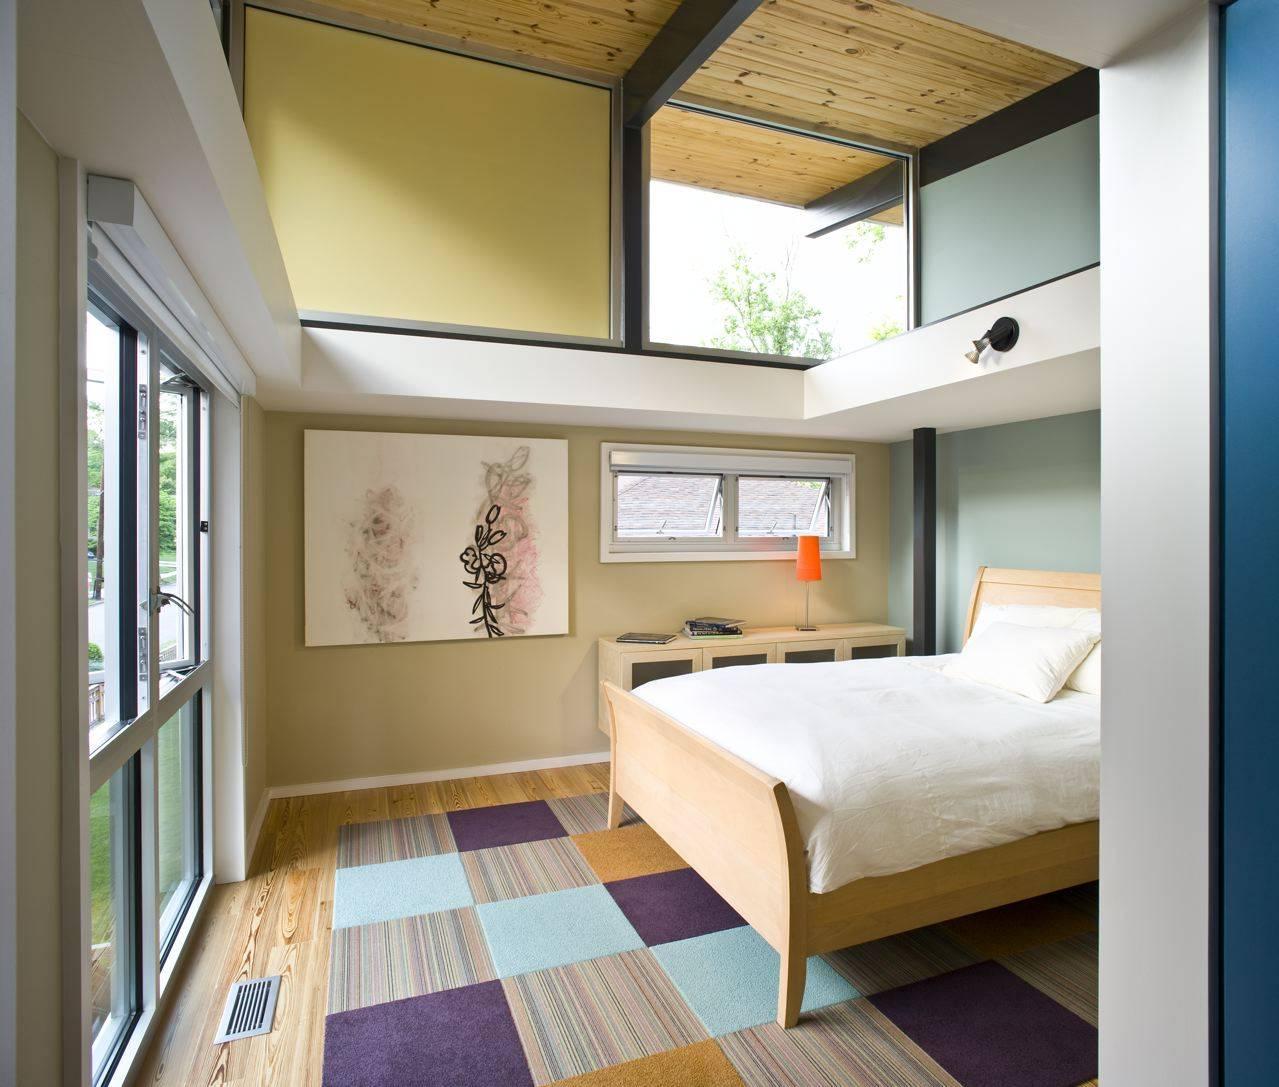 Phòng ngủ này là một ví dụ tuyệt vời về cách bạn có thể thực hiện một cách tiếp cận trung tính hơn để thêm màu sắc cho ngôi nhà của mình. Bằng cách sử dụng các màu phấn nhạt hơn trên các bức tường khác nhau và kết hợp các màu với nhau bằng một tấm thảm kẻ caro, căn phòng hoàn thành một tông màu trung tính nhưng đáng chú ý.